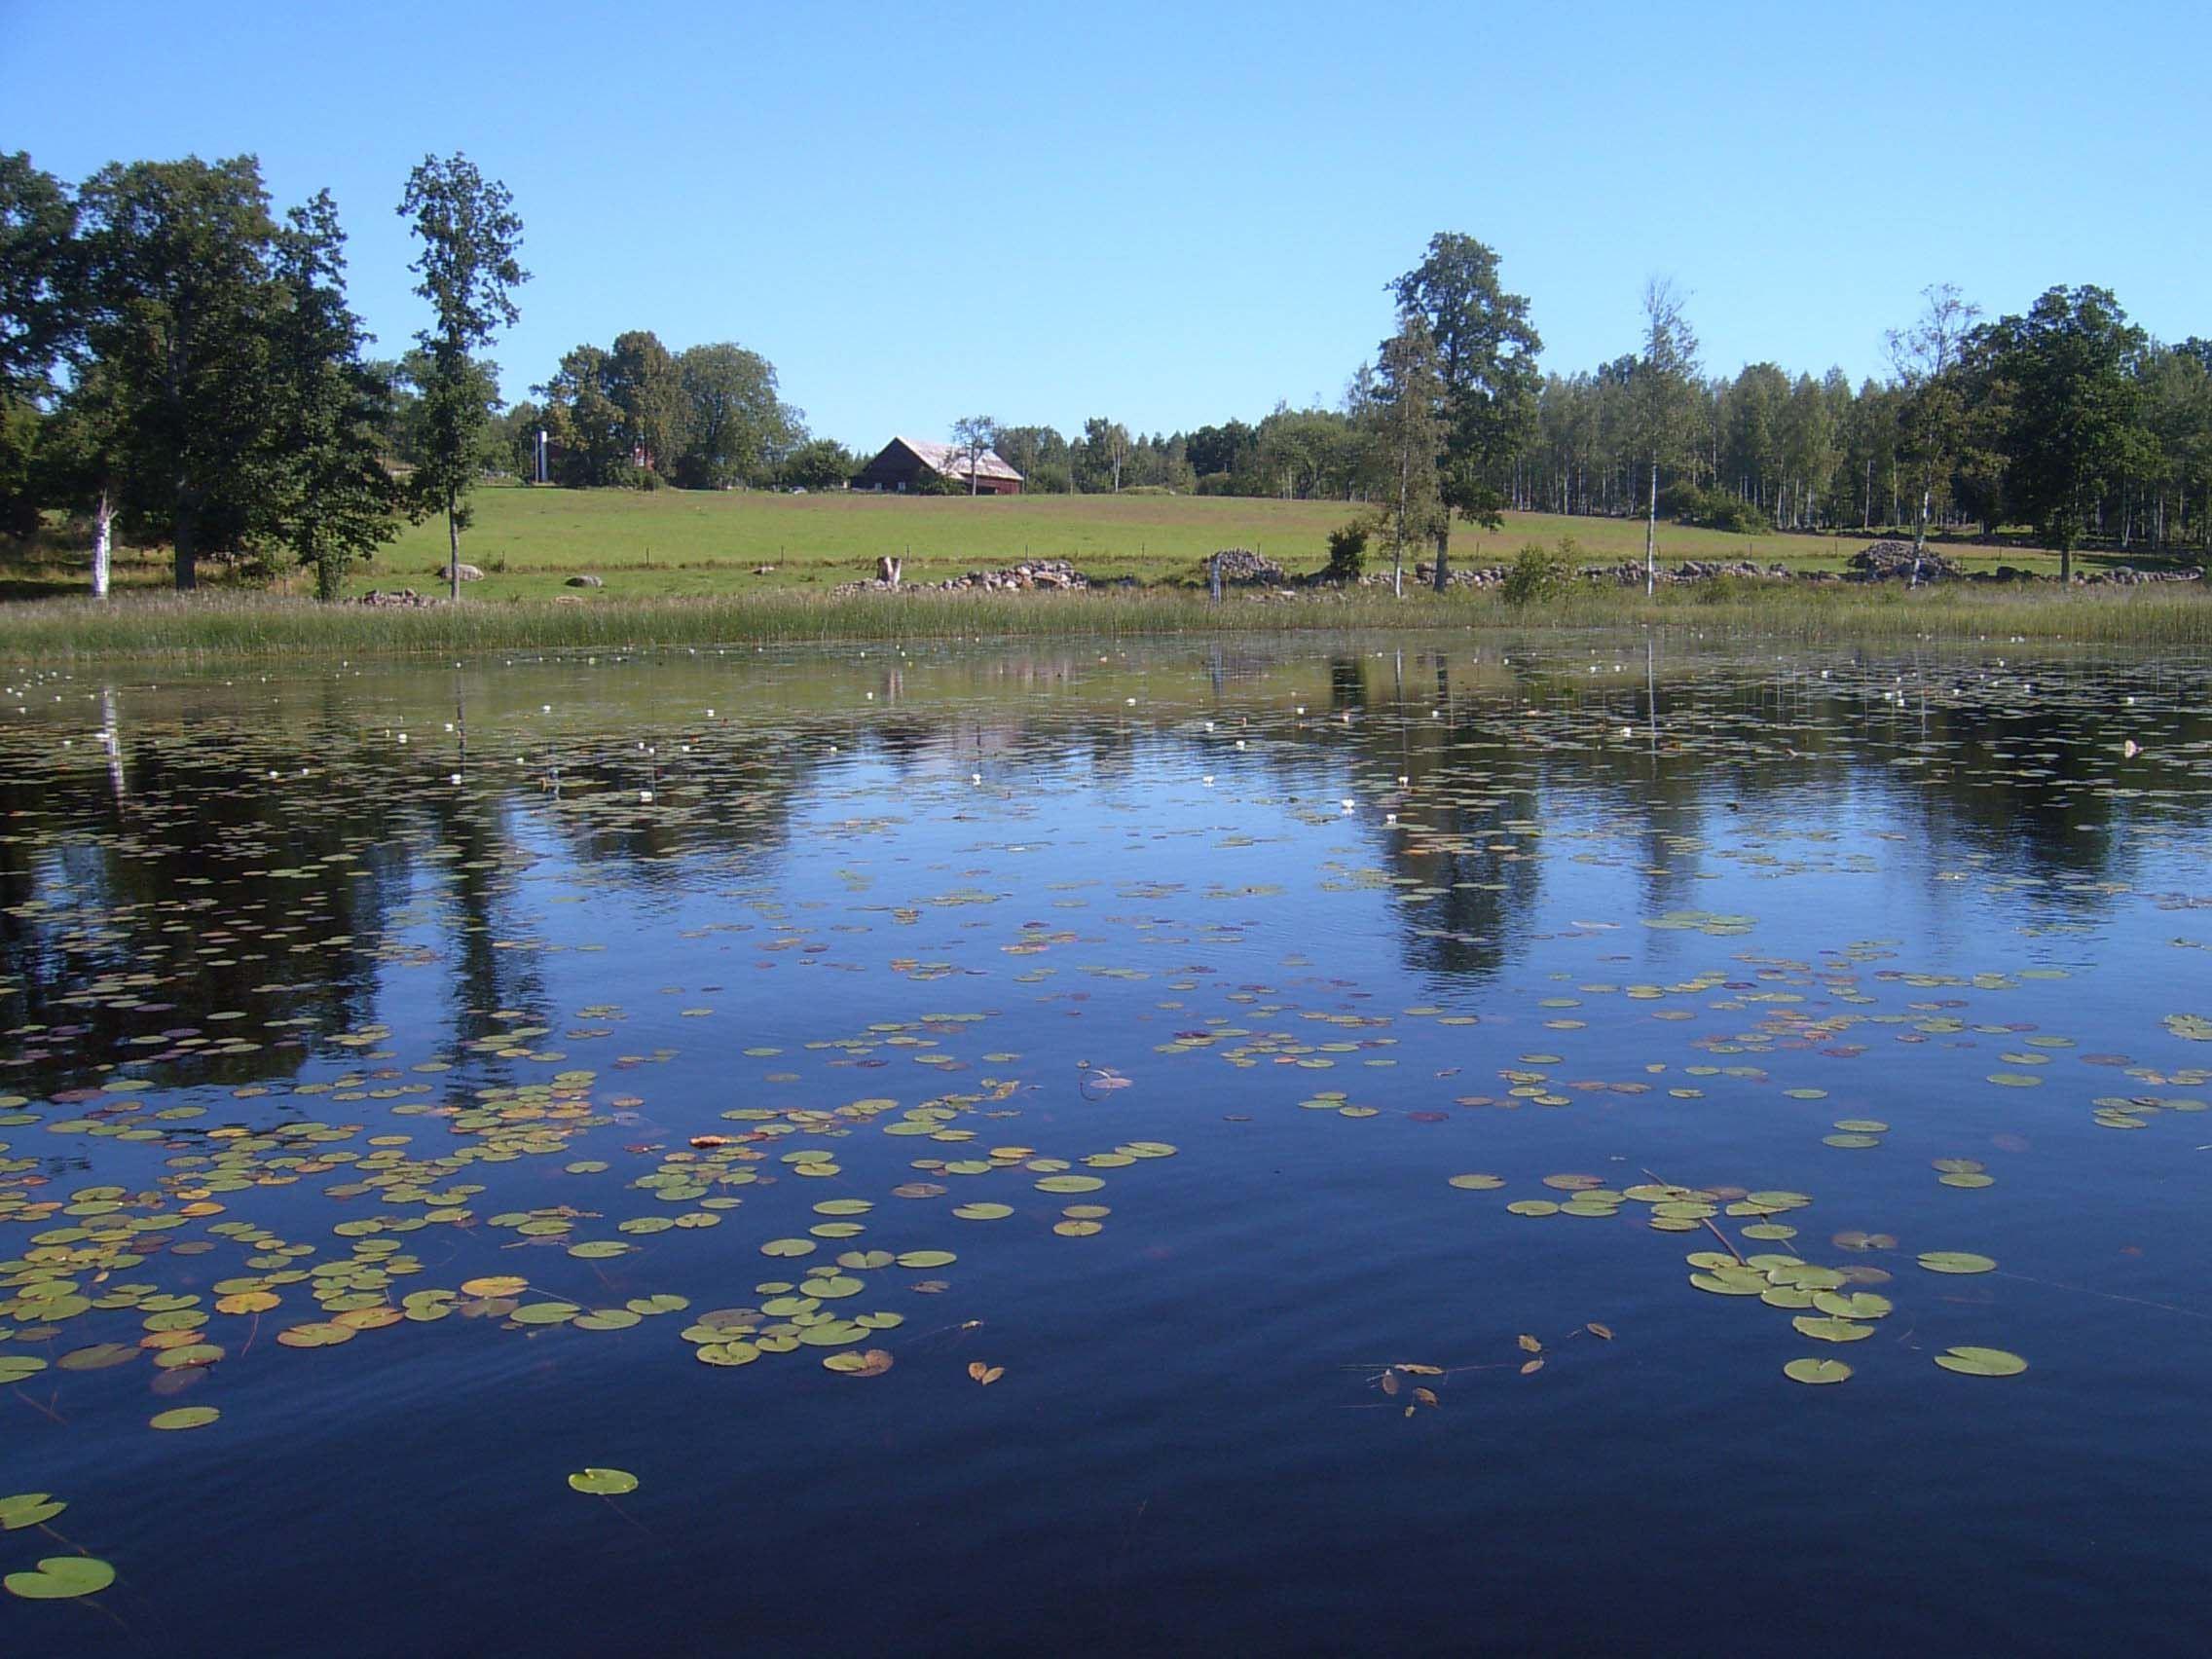 Lilla Åkebosjön, Stora Hammarsjöområdet